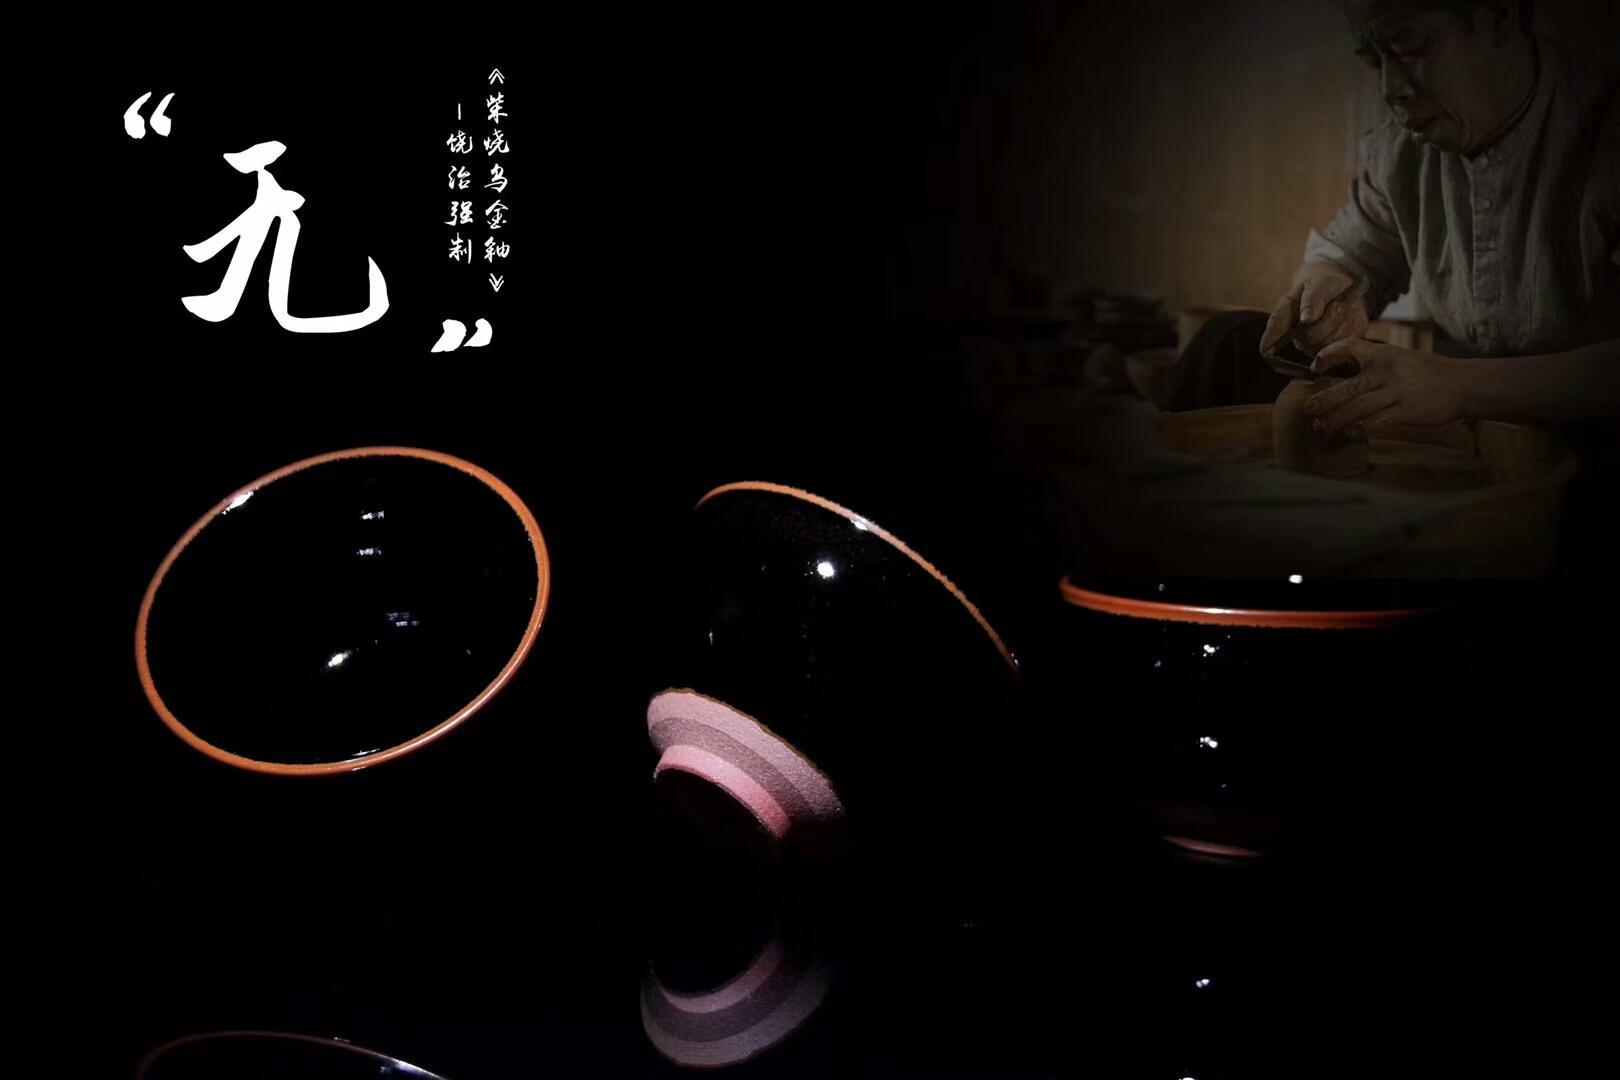 【作者】饶治强老师 作品 【品名】龙窑、柴烧 极品乌金系列